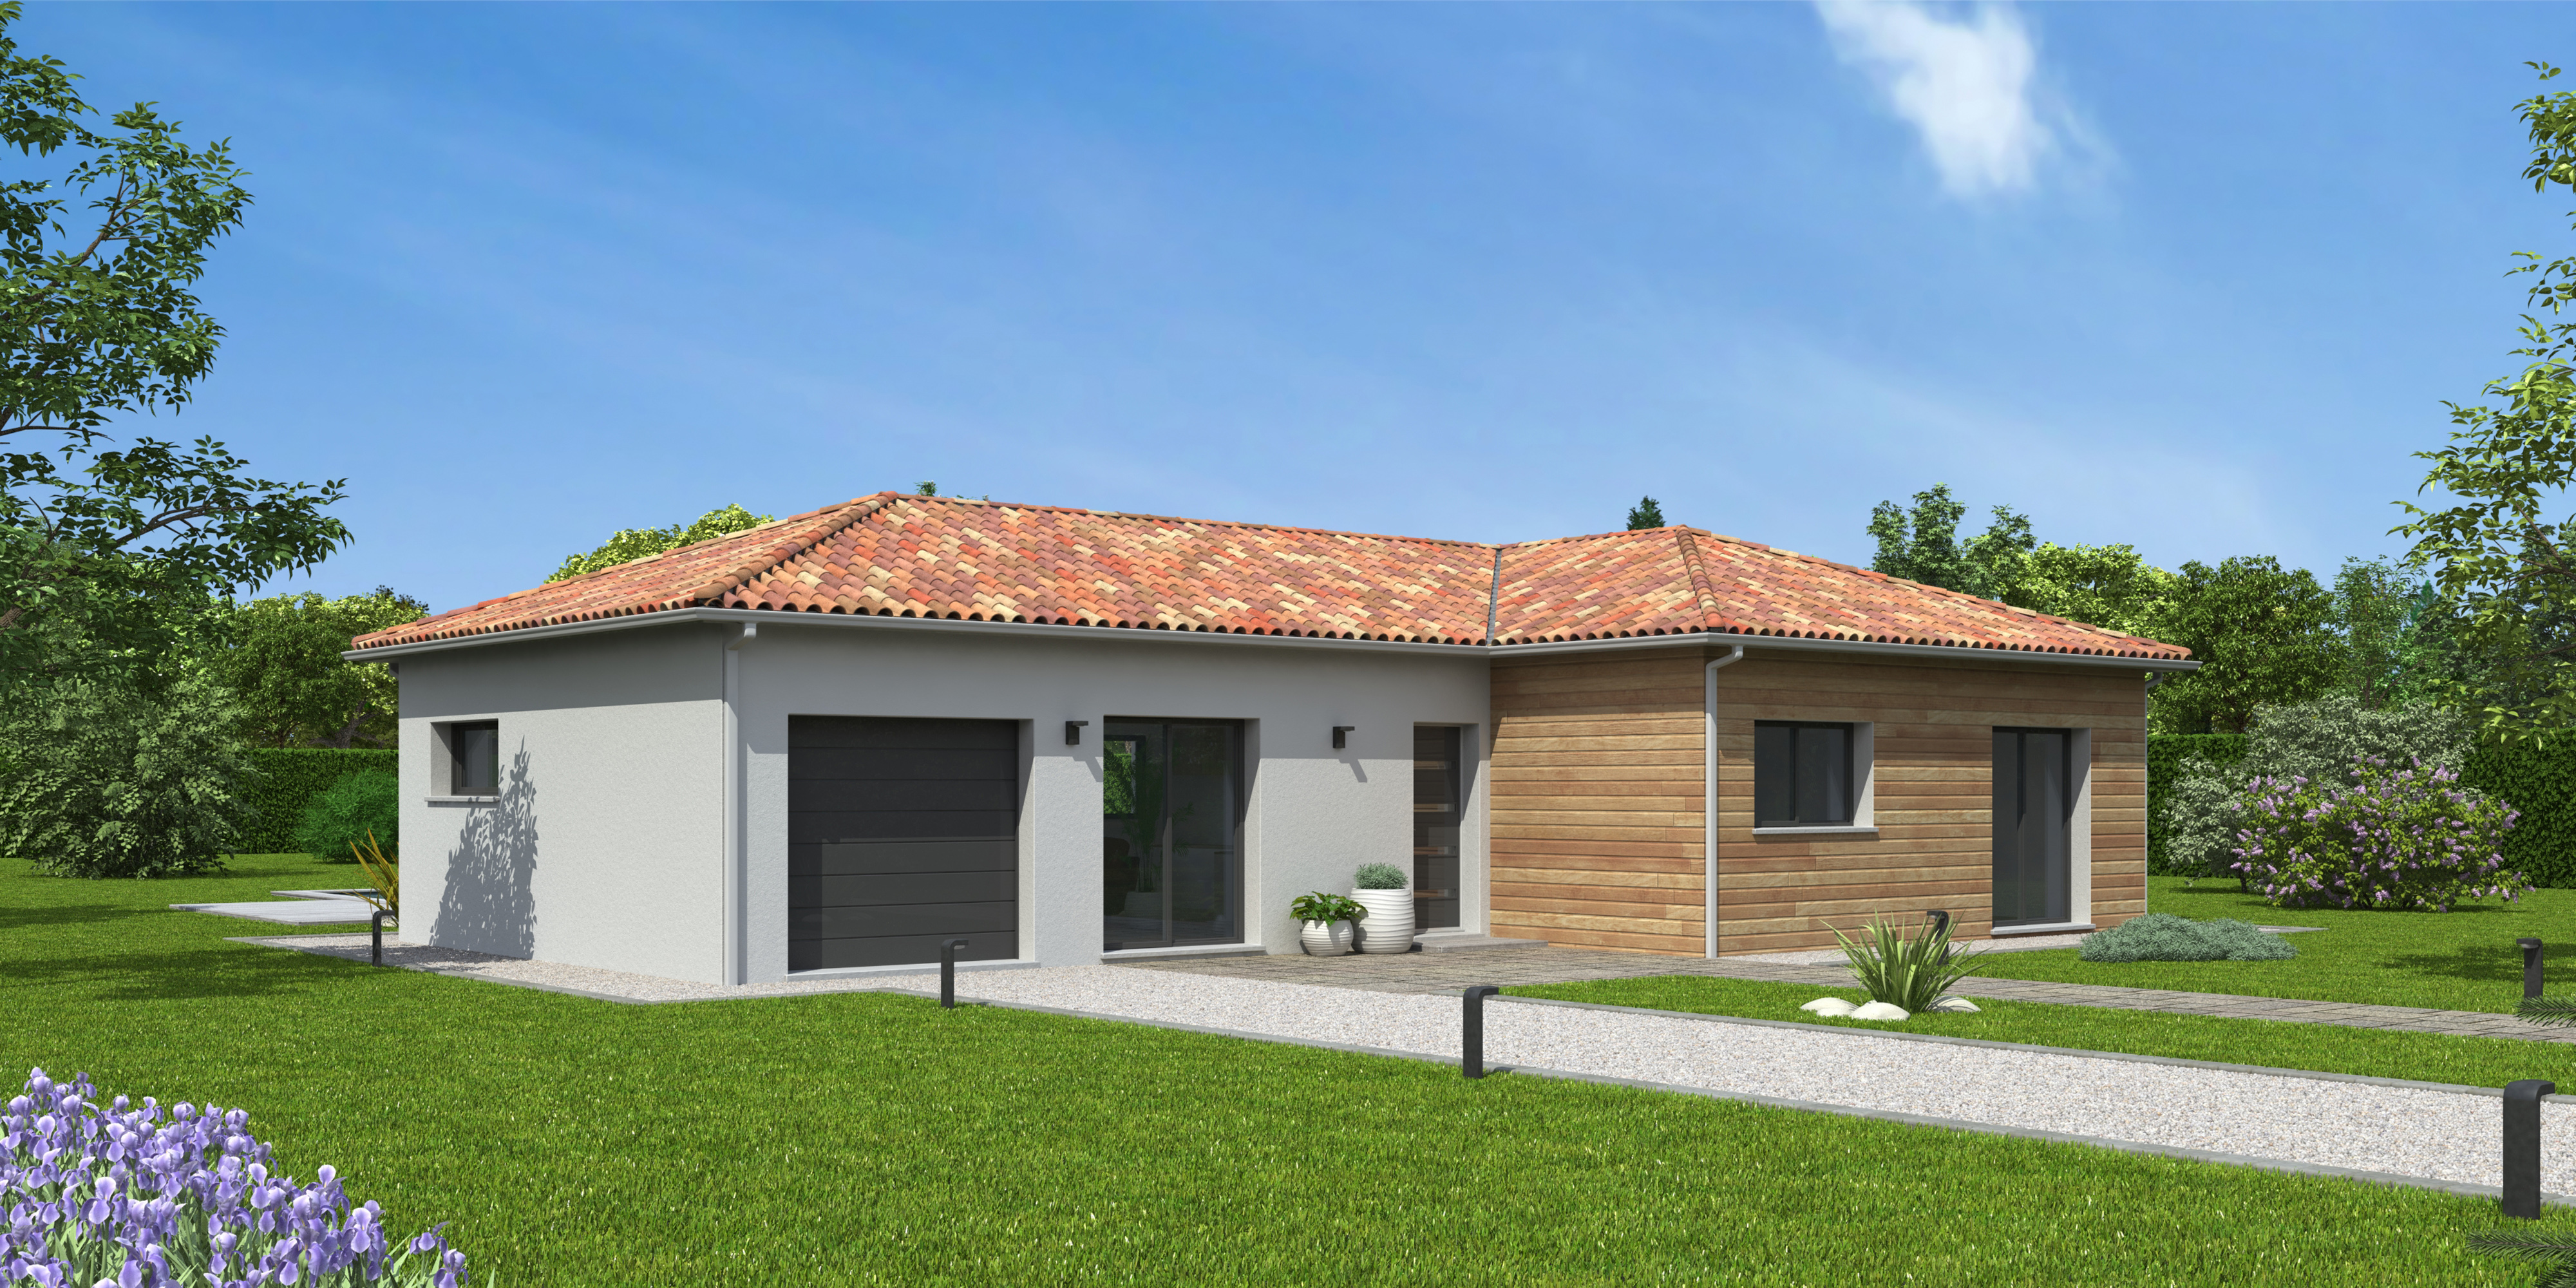 Maisons du constructeur NATILIA • 97 m² • SAINT GEORGES DE RENEINS